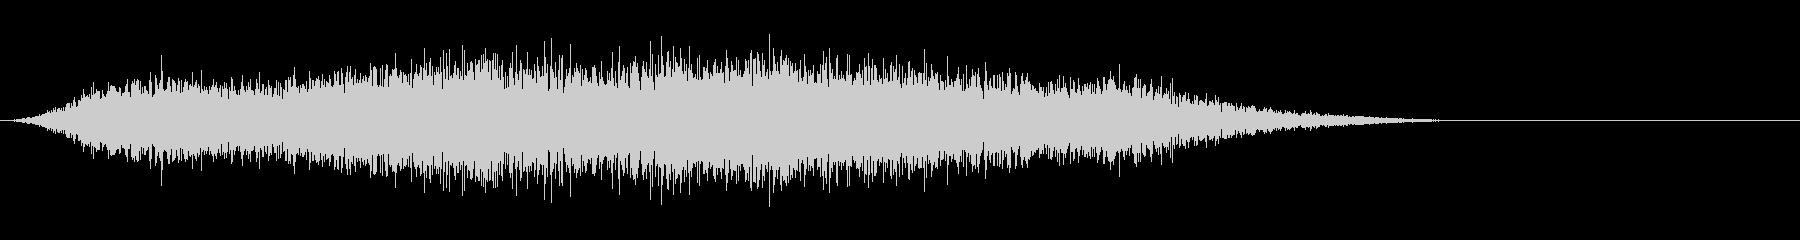 タイトルバック ホラー 10の未再生の波形